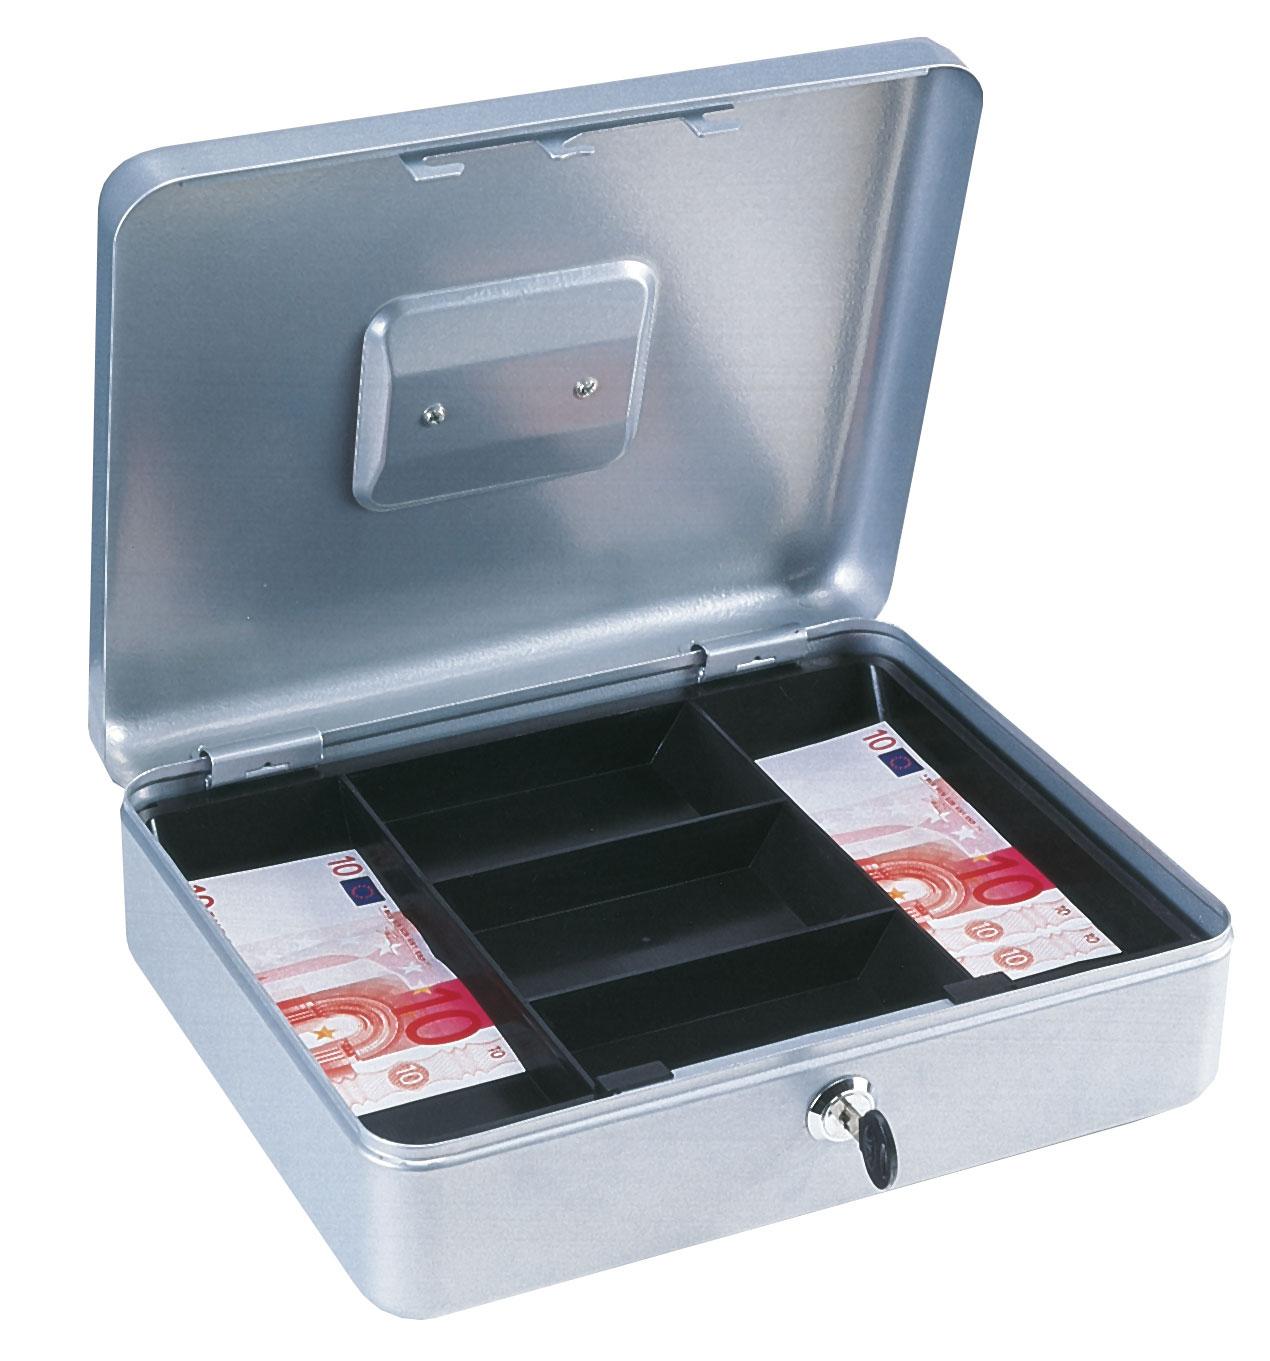 Rottner Geldkassette Homestar Cash 4 silber Bild 1